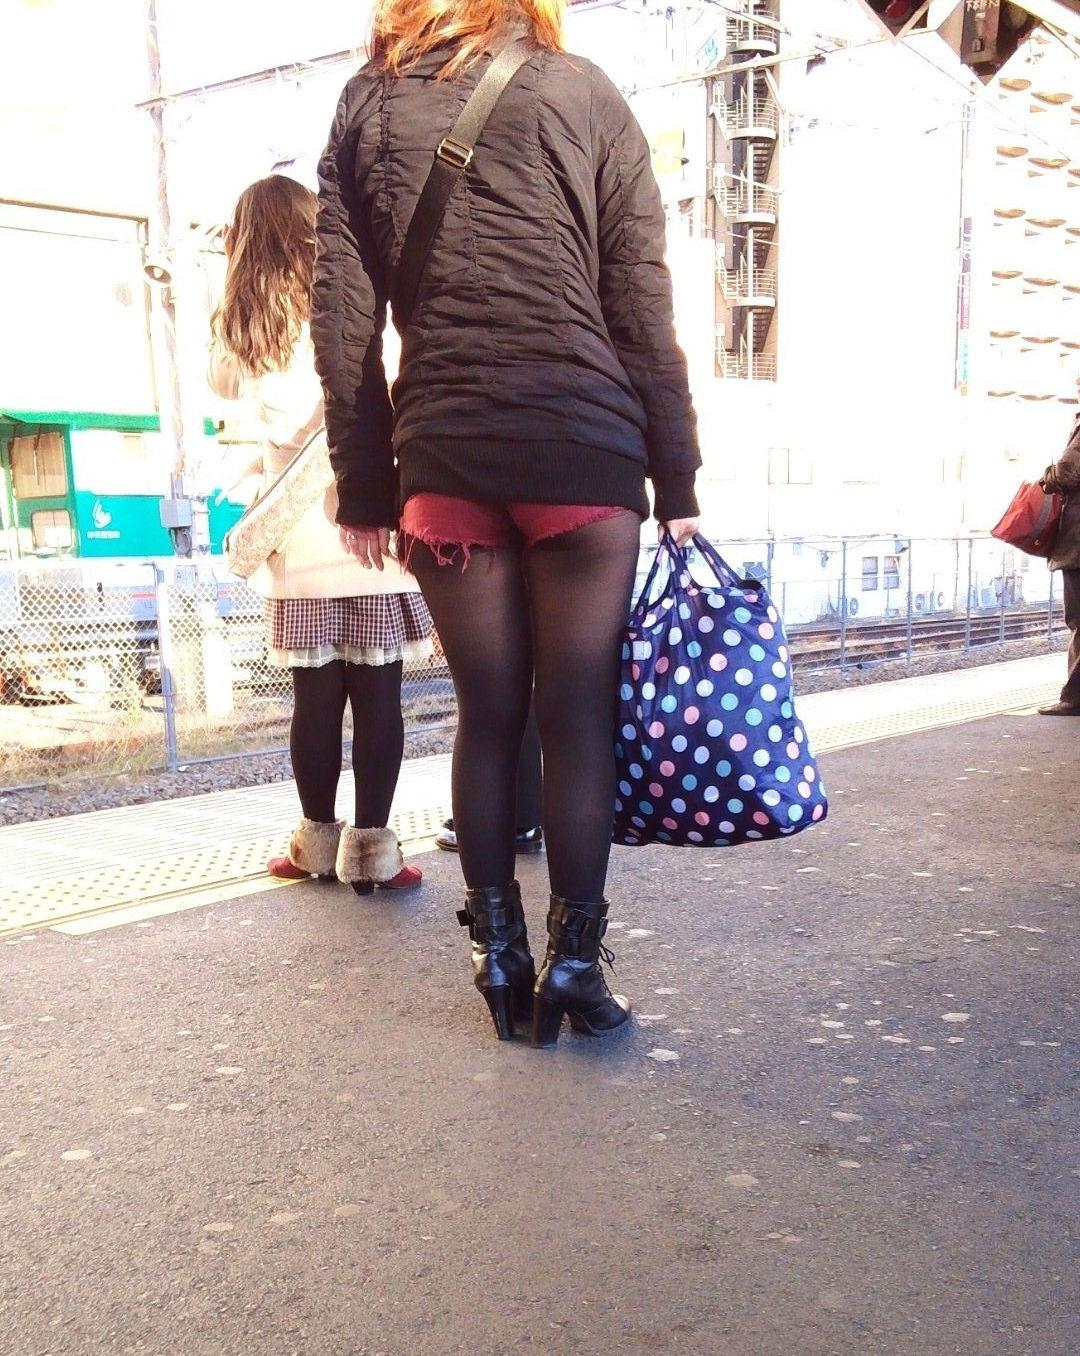 パンスト タイツ ショートパンツ 冬 太もも 街撮り エロ画像【10】